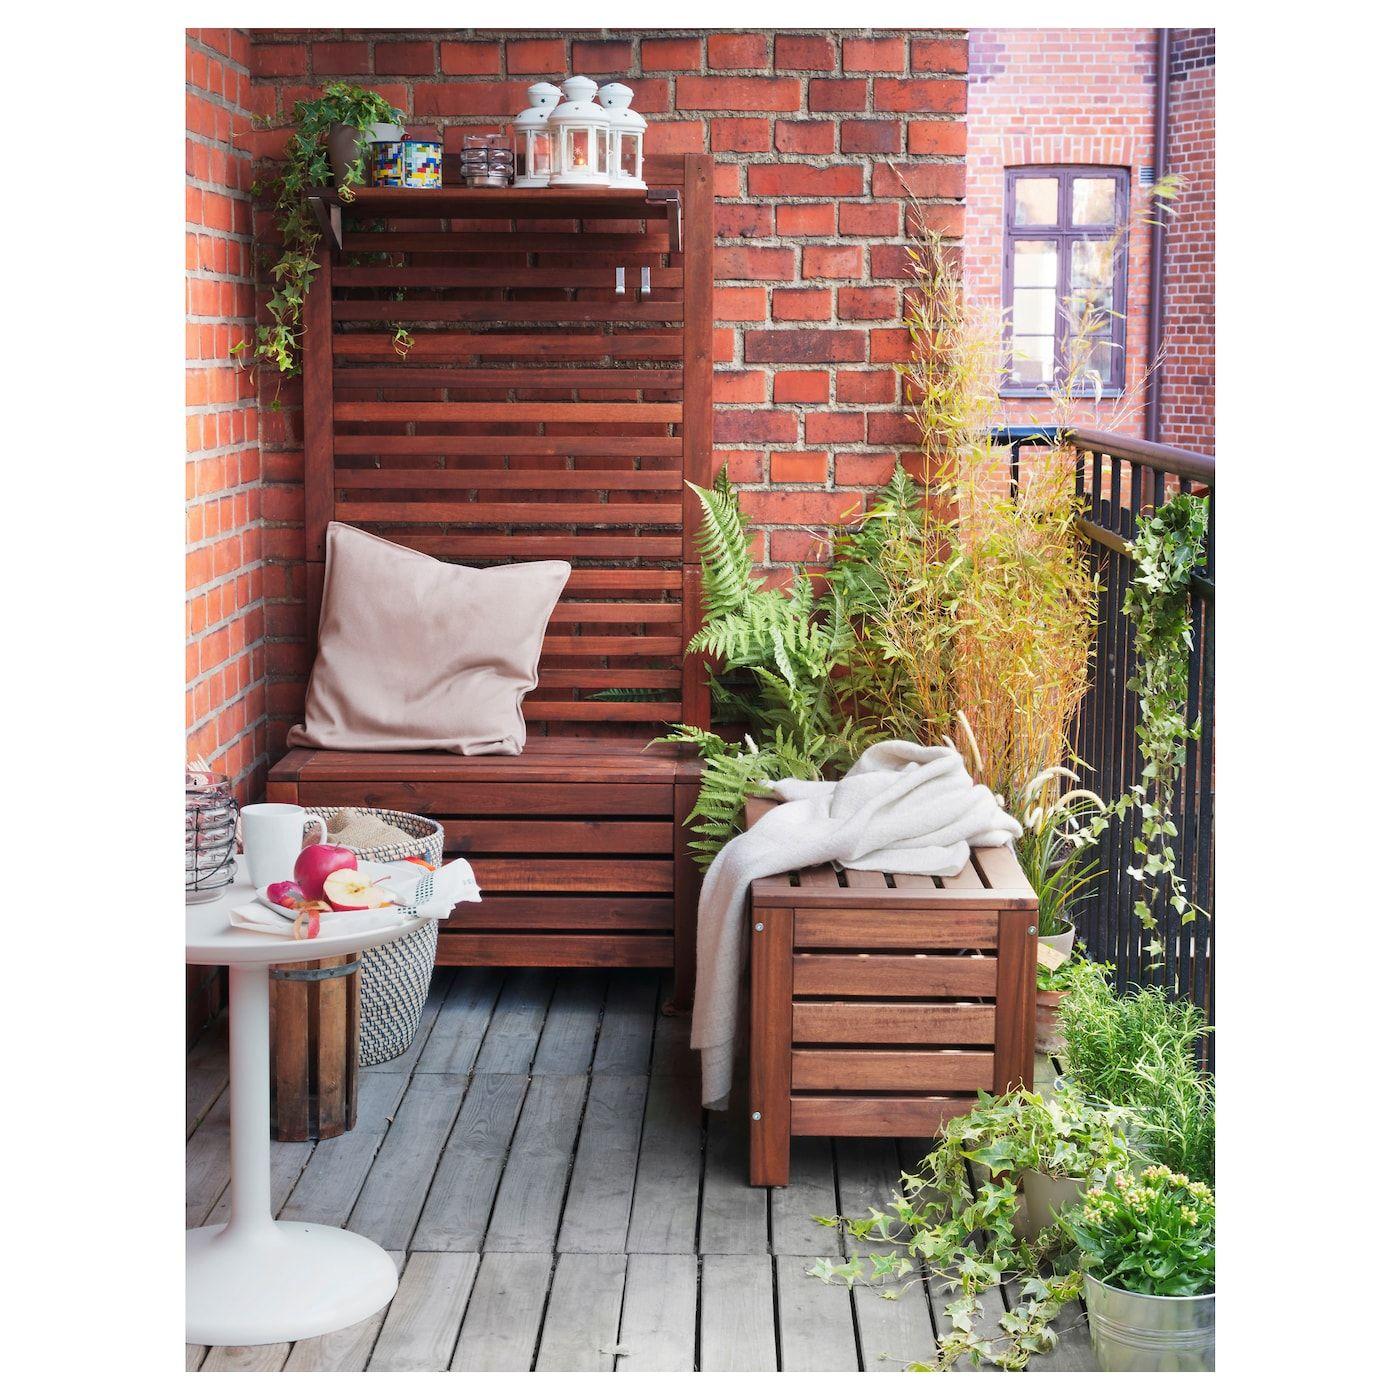 Applaro Benk Med Oppbevaring Utendors Brunbeiset Ikea Deco Petit Balcon Banc De Rangement Deco Balcon